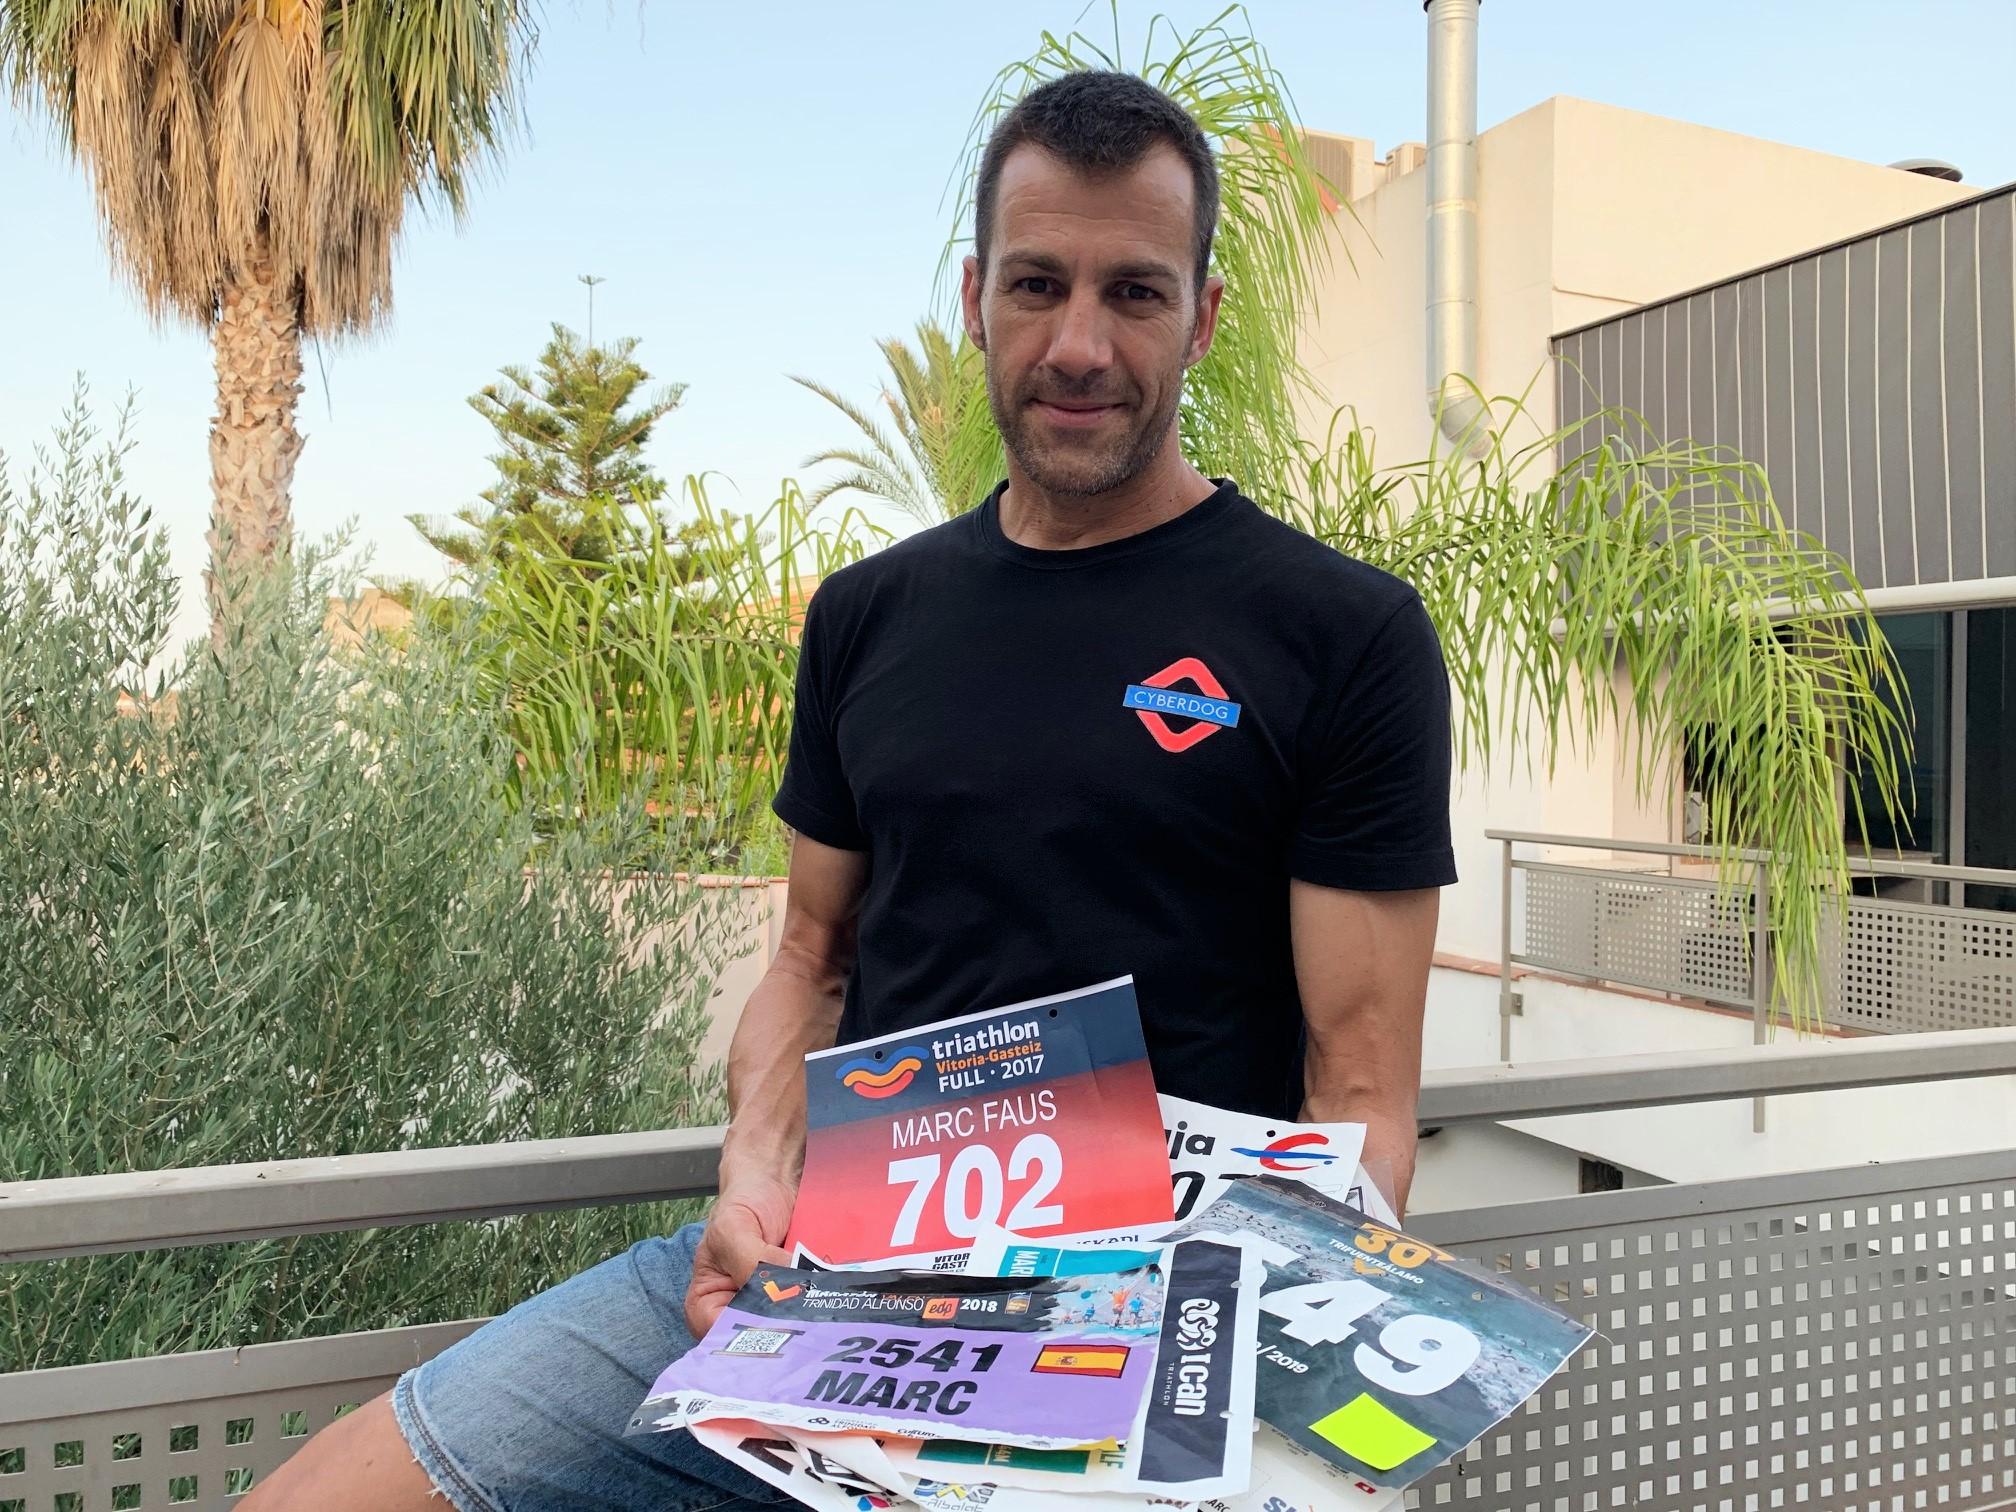 Marc Faus: 'El triatló és una prova de resistència però no serveix ser el més fort, si et falla el cap, caus'